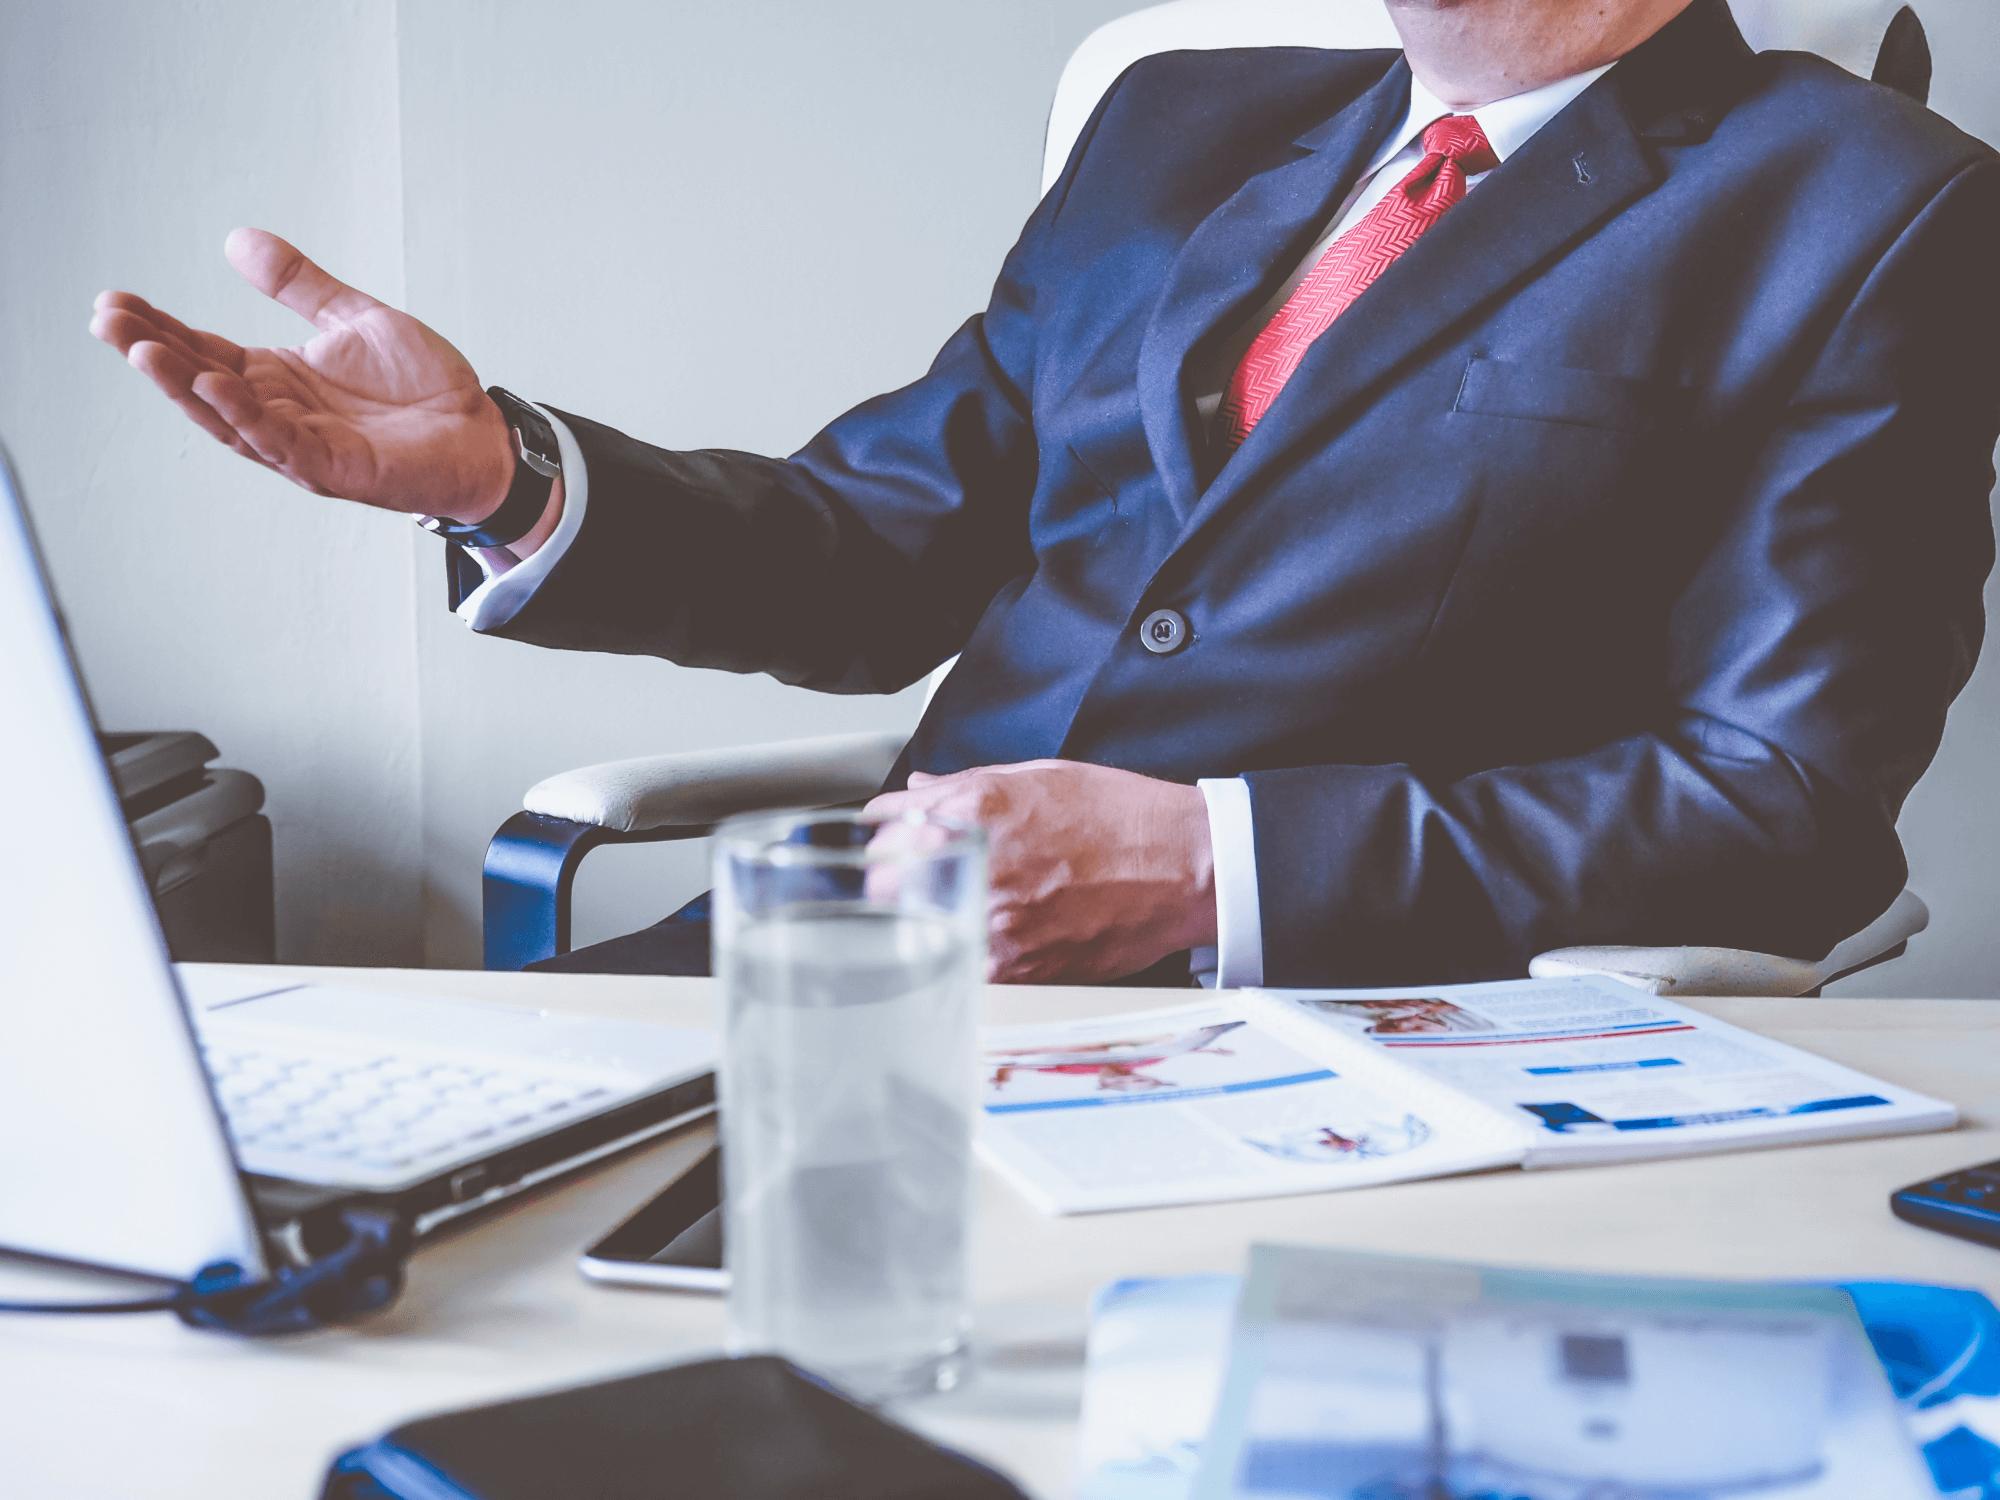 De juiste KPIs kiezen   Hoe doet het gemiddelde bedrijf dat?